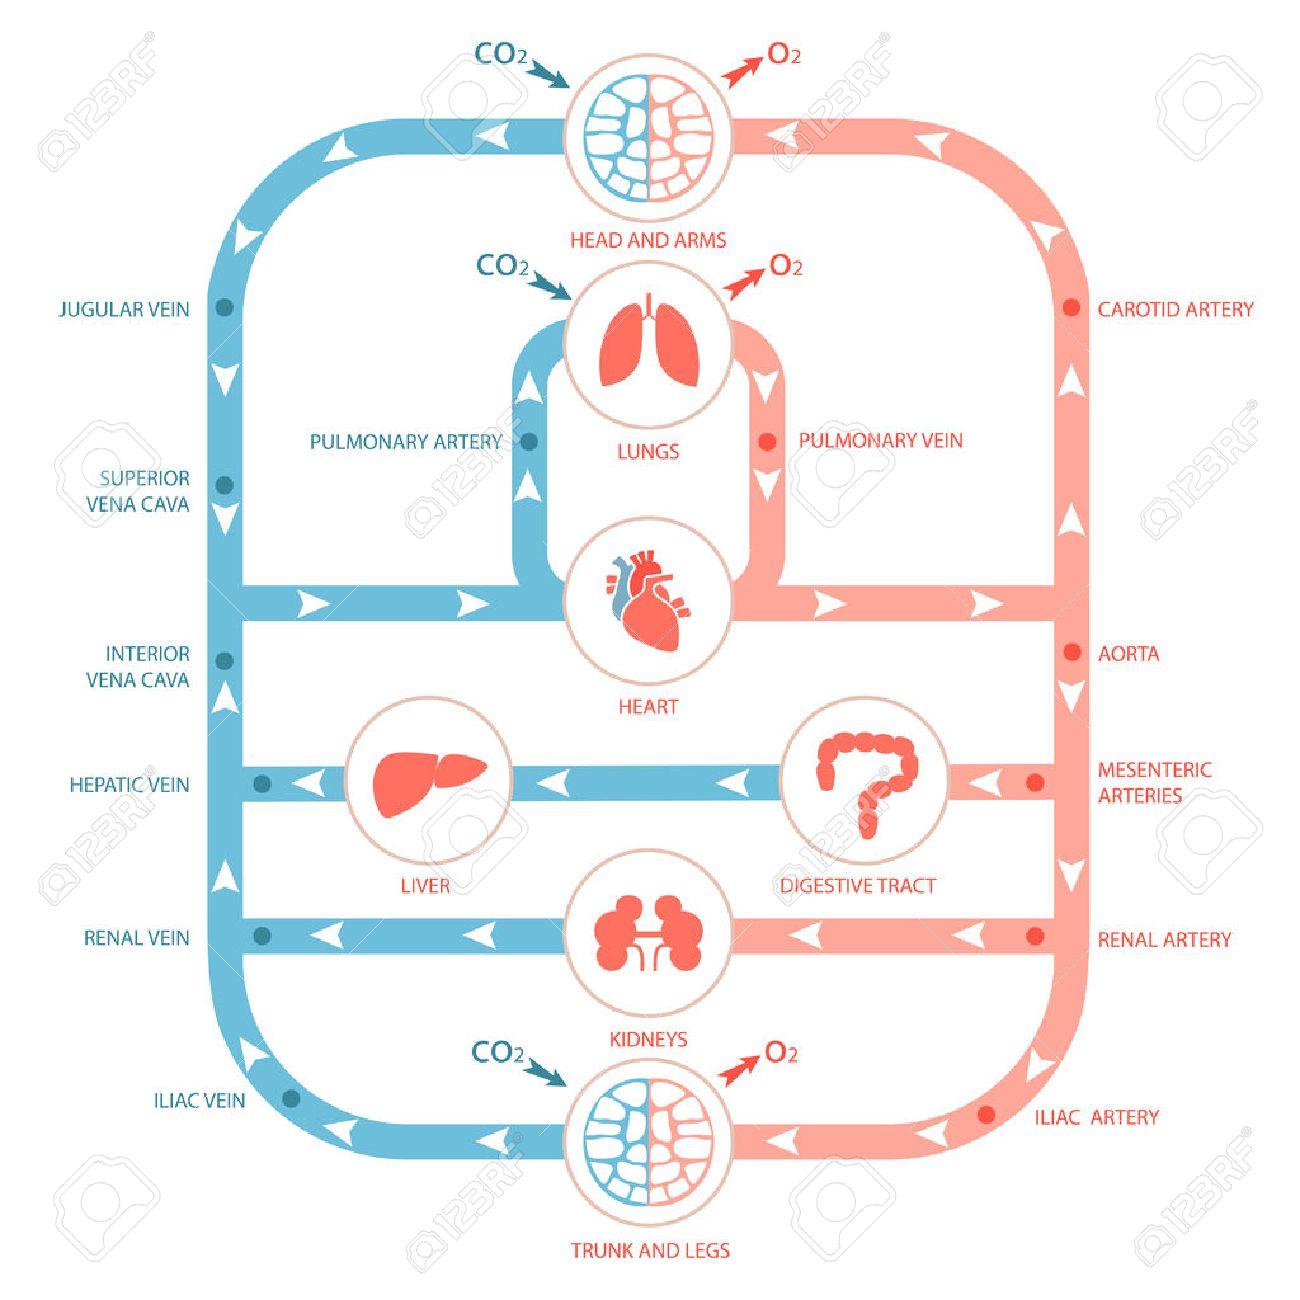 心臓の解剖学、循環システム、ヒトの血液の動脈、医療イラスト